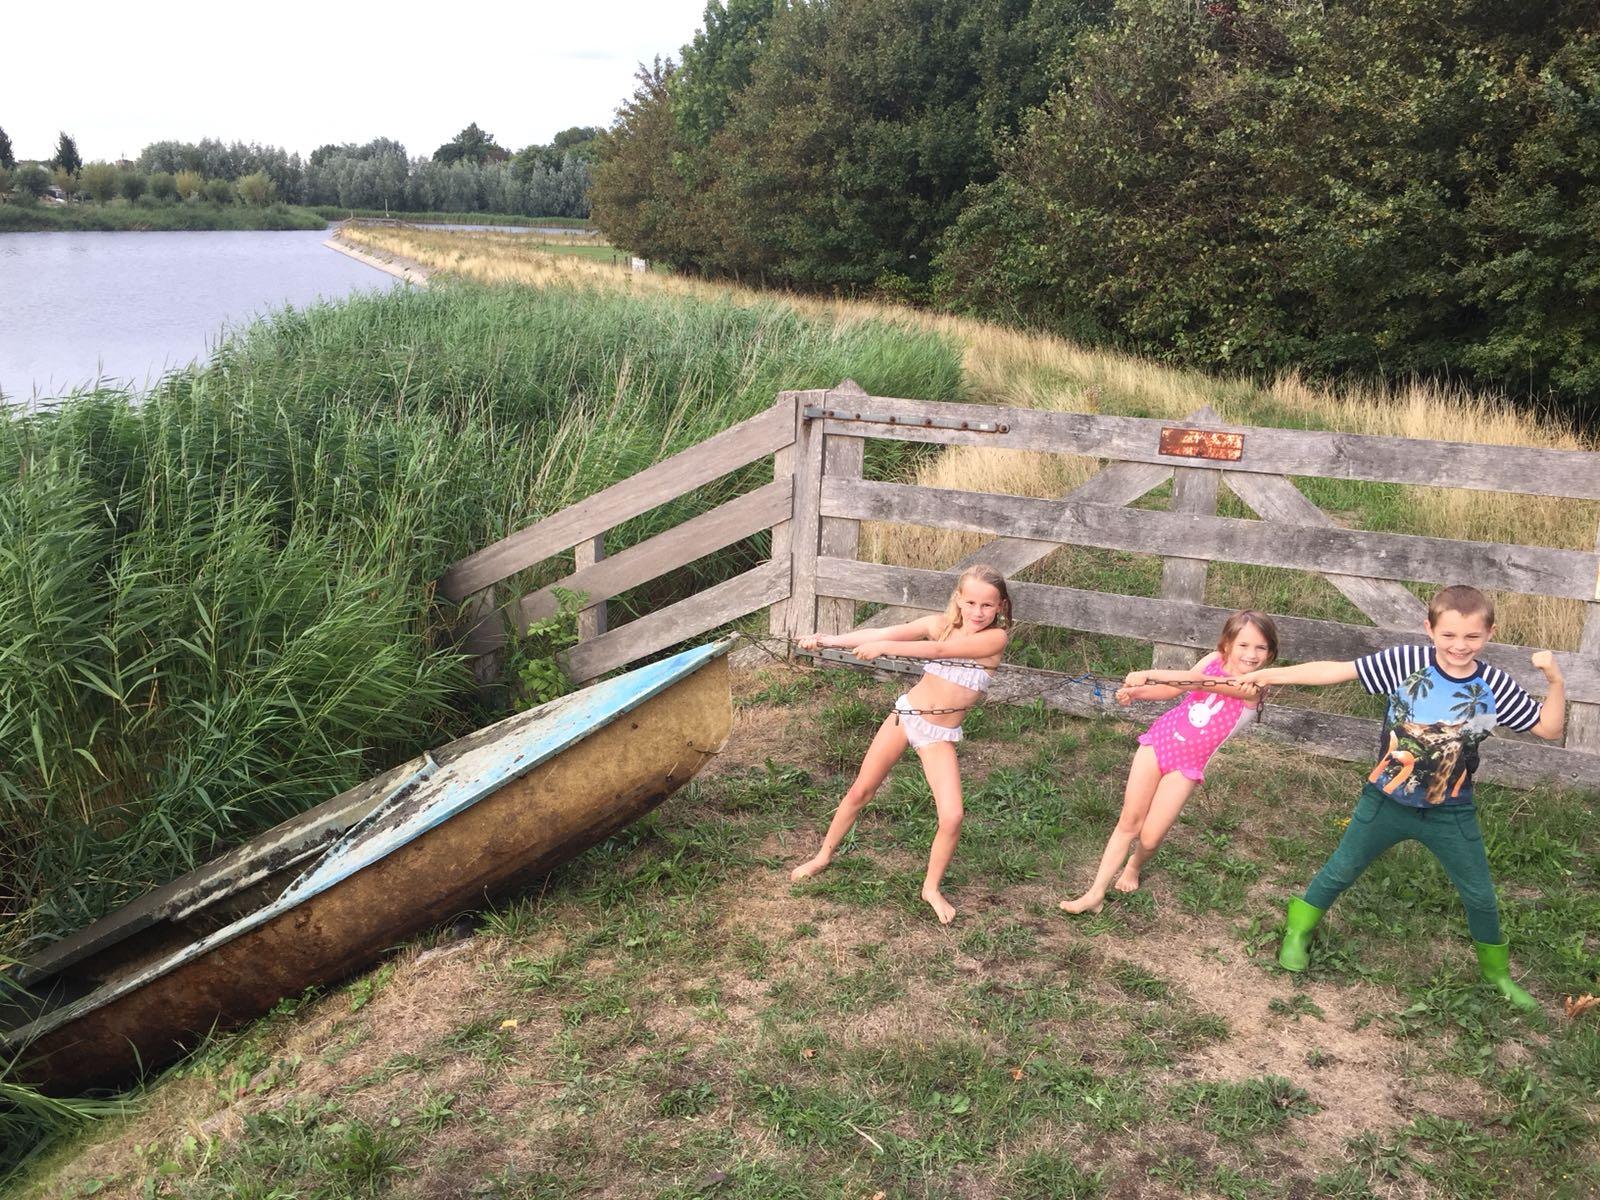 Opruimkanjers Fien, Anne en Max zijn alvast begonnen met het opruimen van de buurt. Bij de kade aan de Gibbon vonden ze deze boot die half onder water lag. (aangeleverde foto)